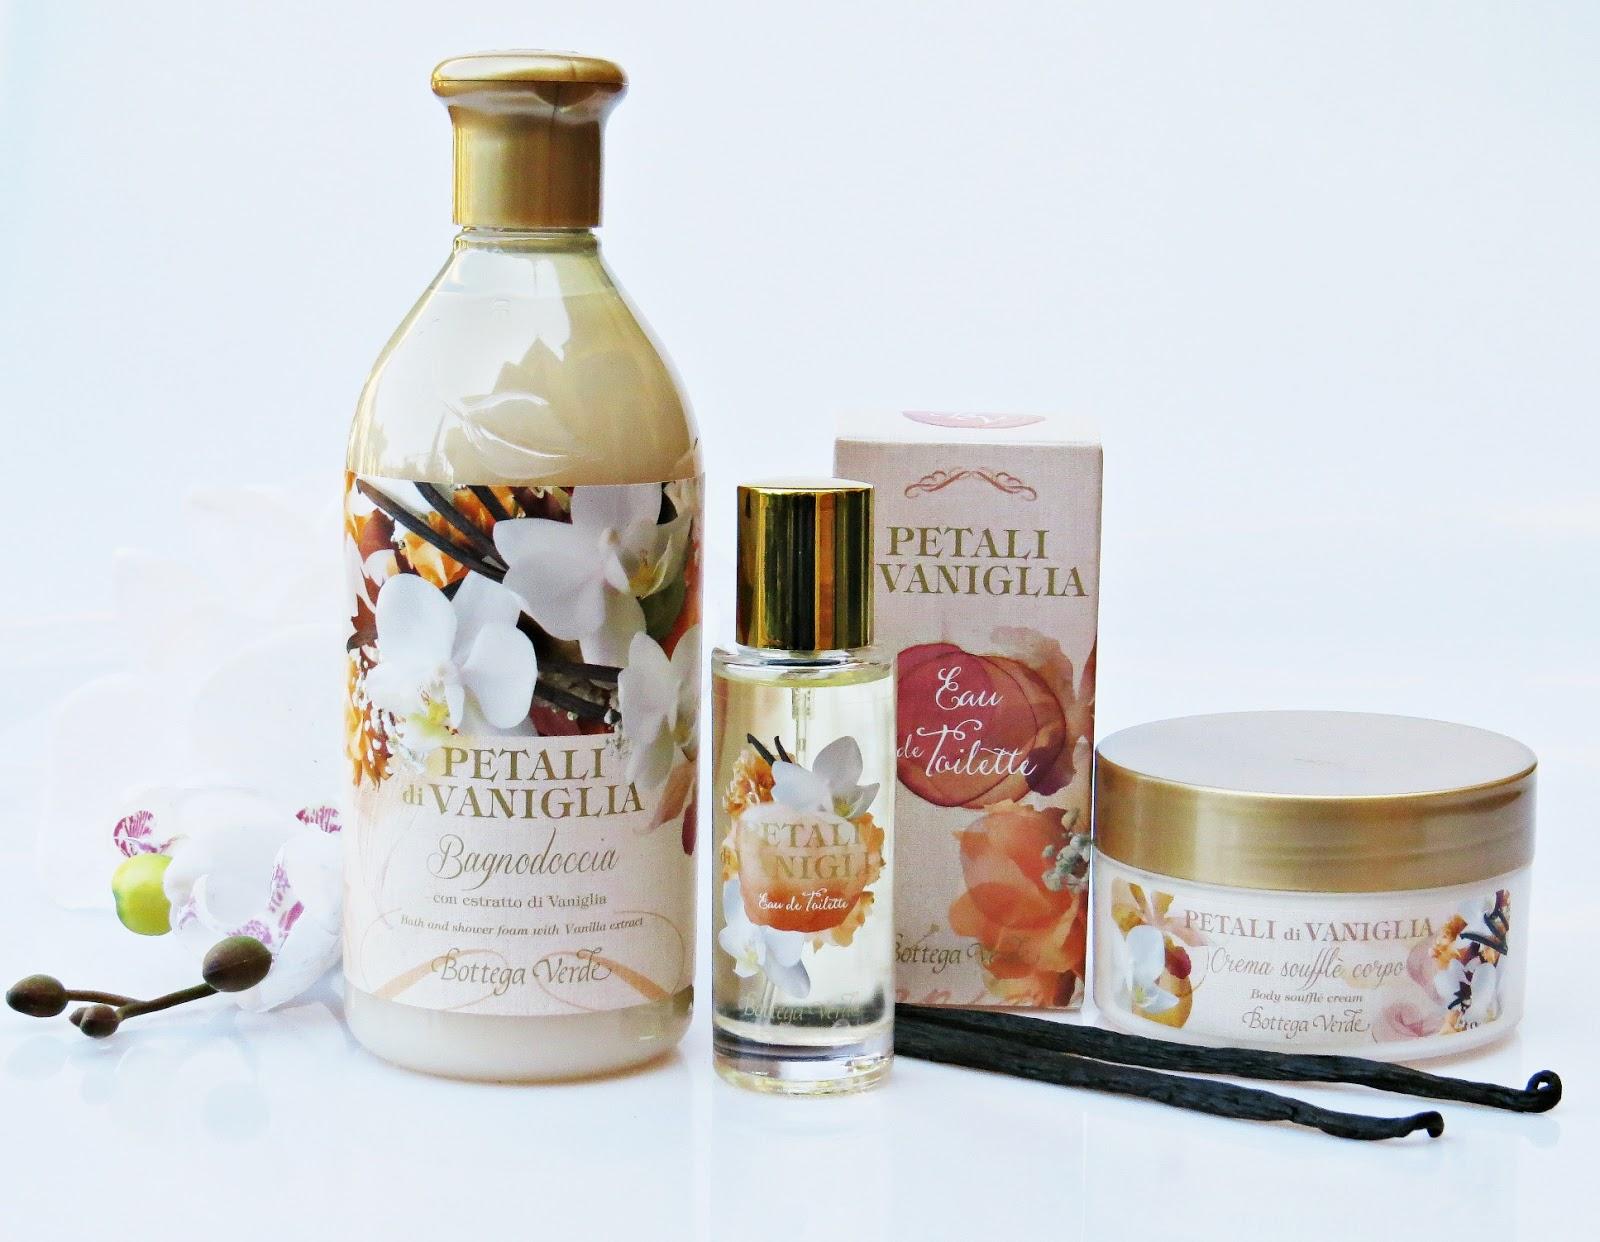 Bagno Doccia Bottega Verde : Belletto! make up and beauty blog: petali di vaniglia novità